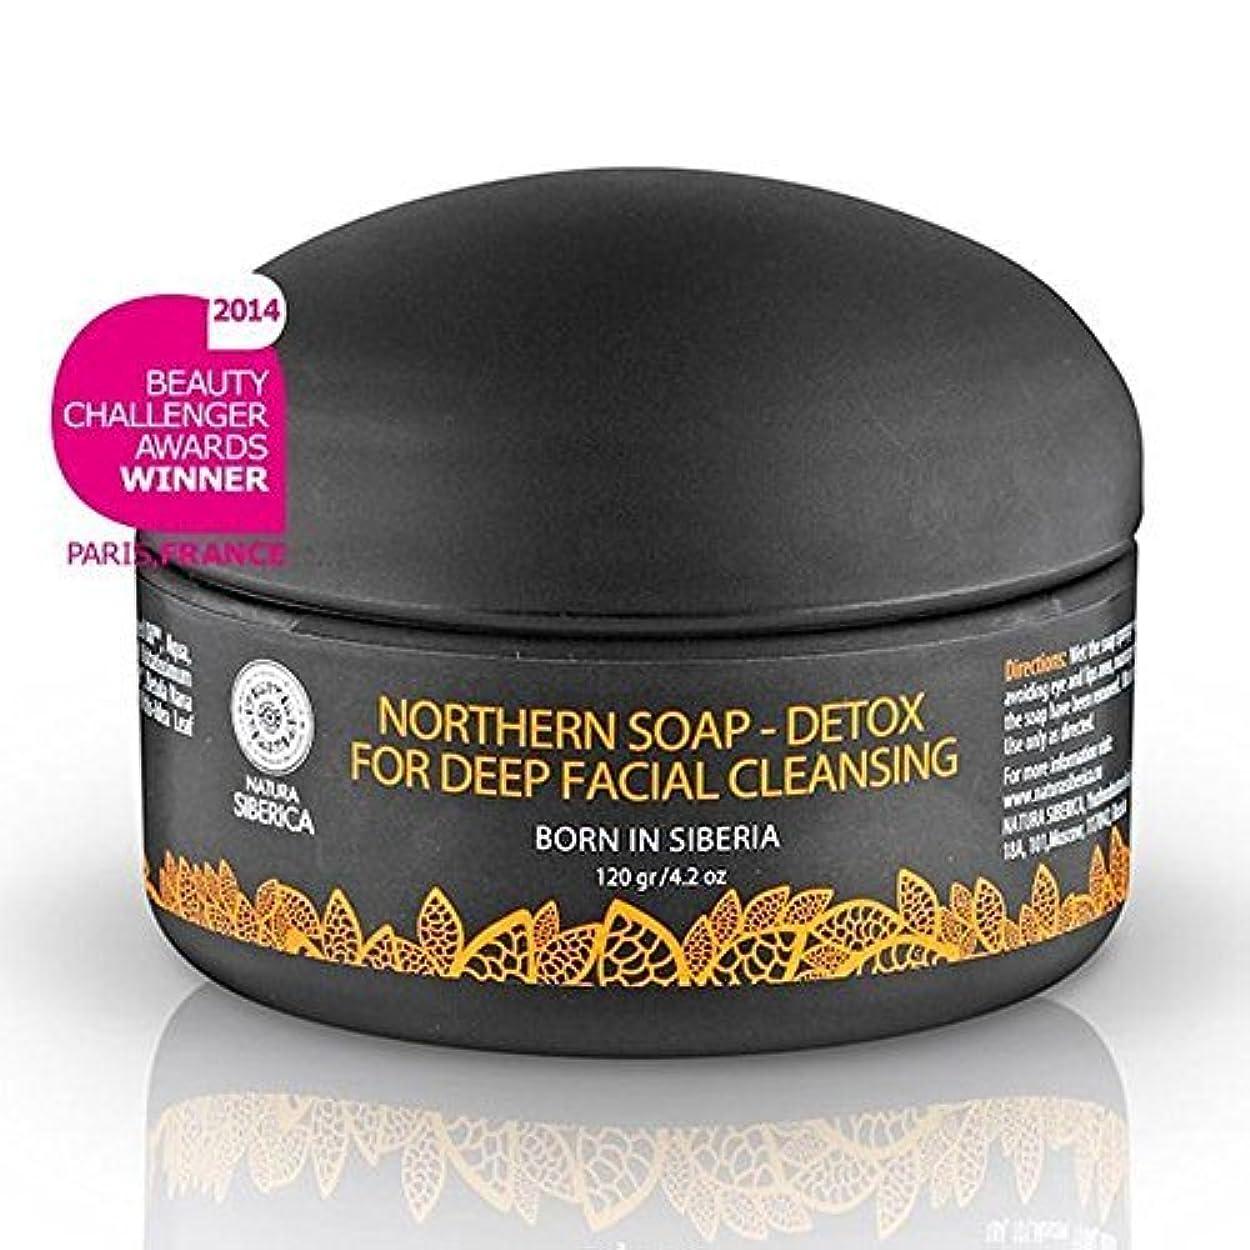 バイオレットマルクス主義姉妹Northern Detoxifying Soap with Charcoal for a Deep Purifying Effect 120g (Natura Siberica) by Natura Siberica [並行輸入品]